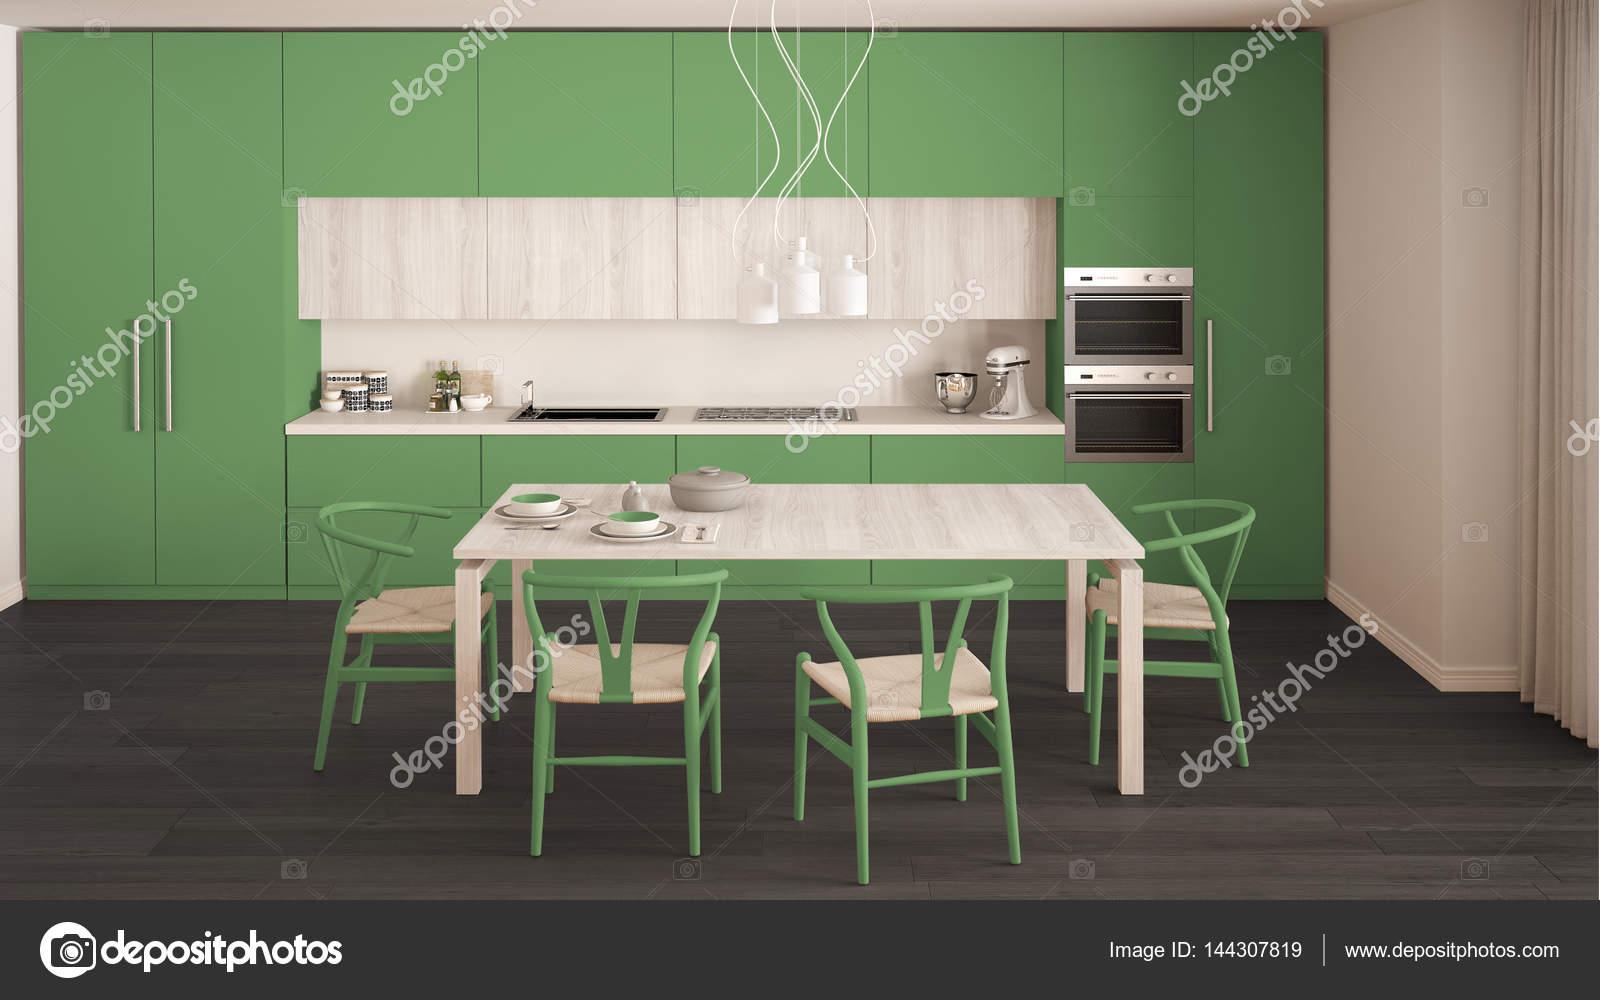 Mint Groene Keuken : Moderne minimale groene keuken met houten vloer klassiek